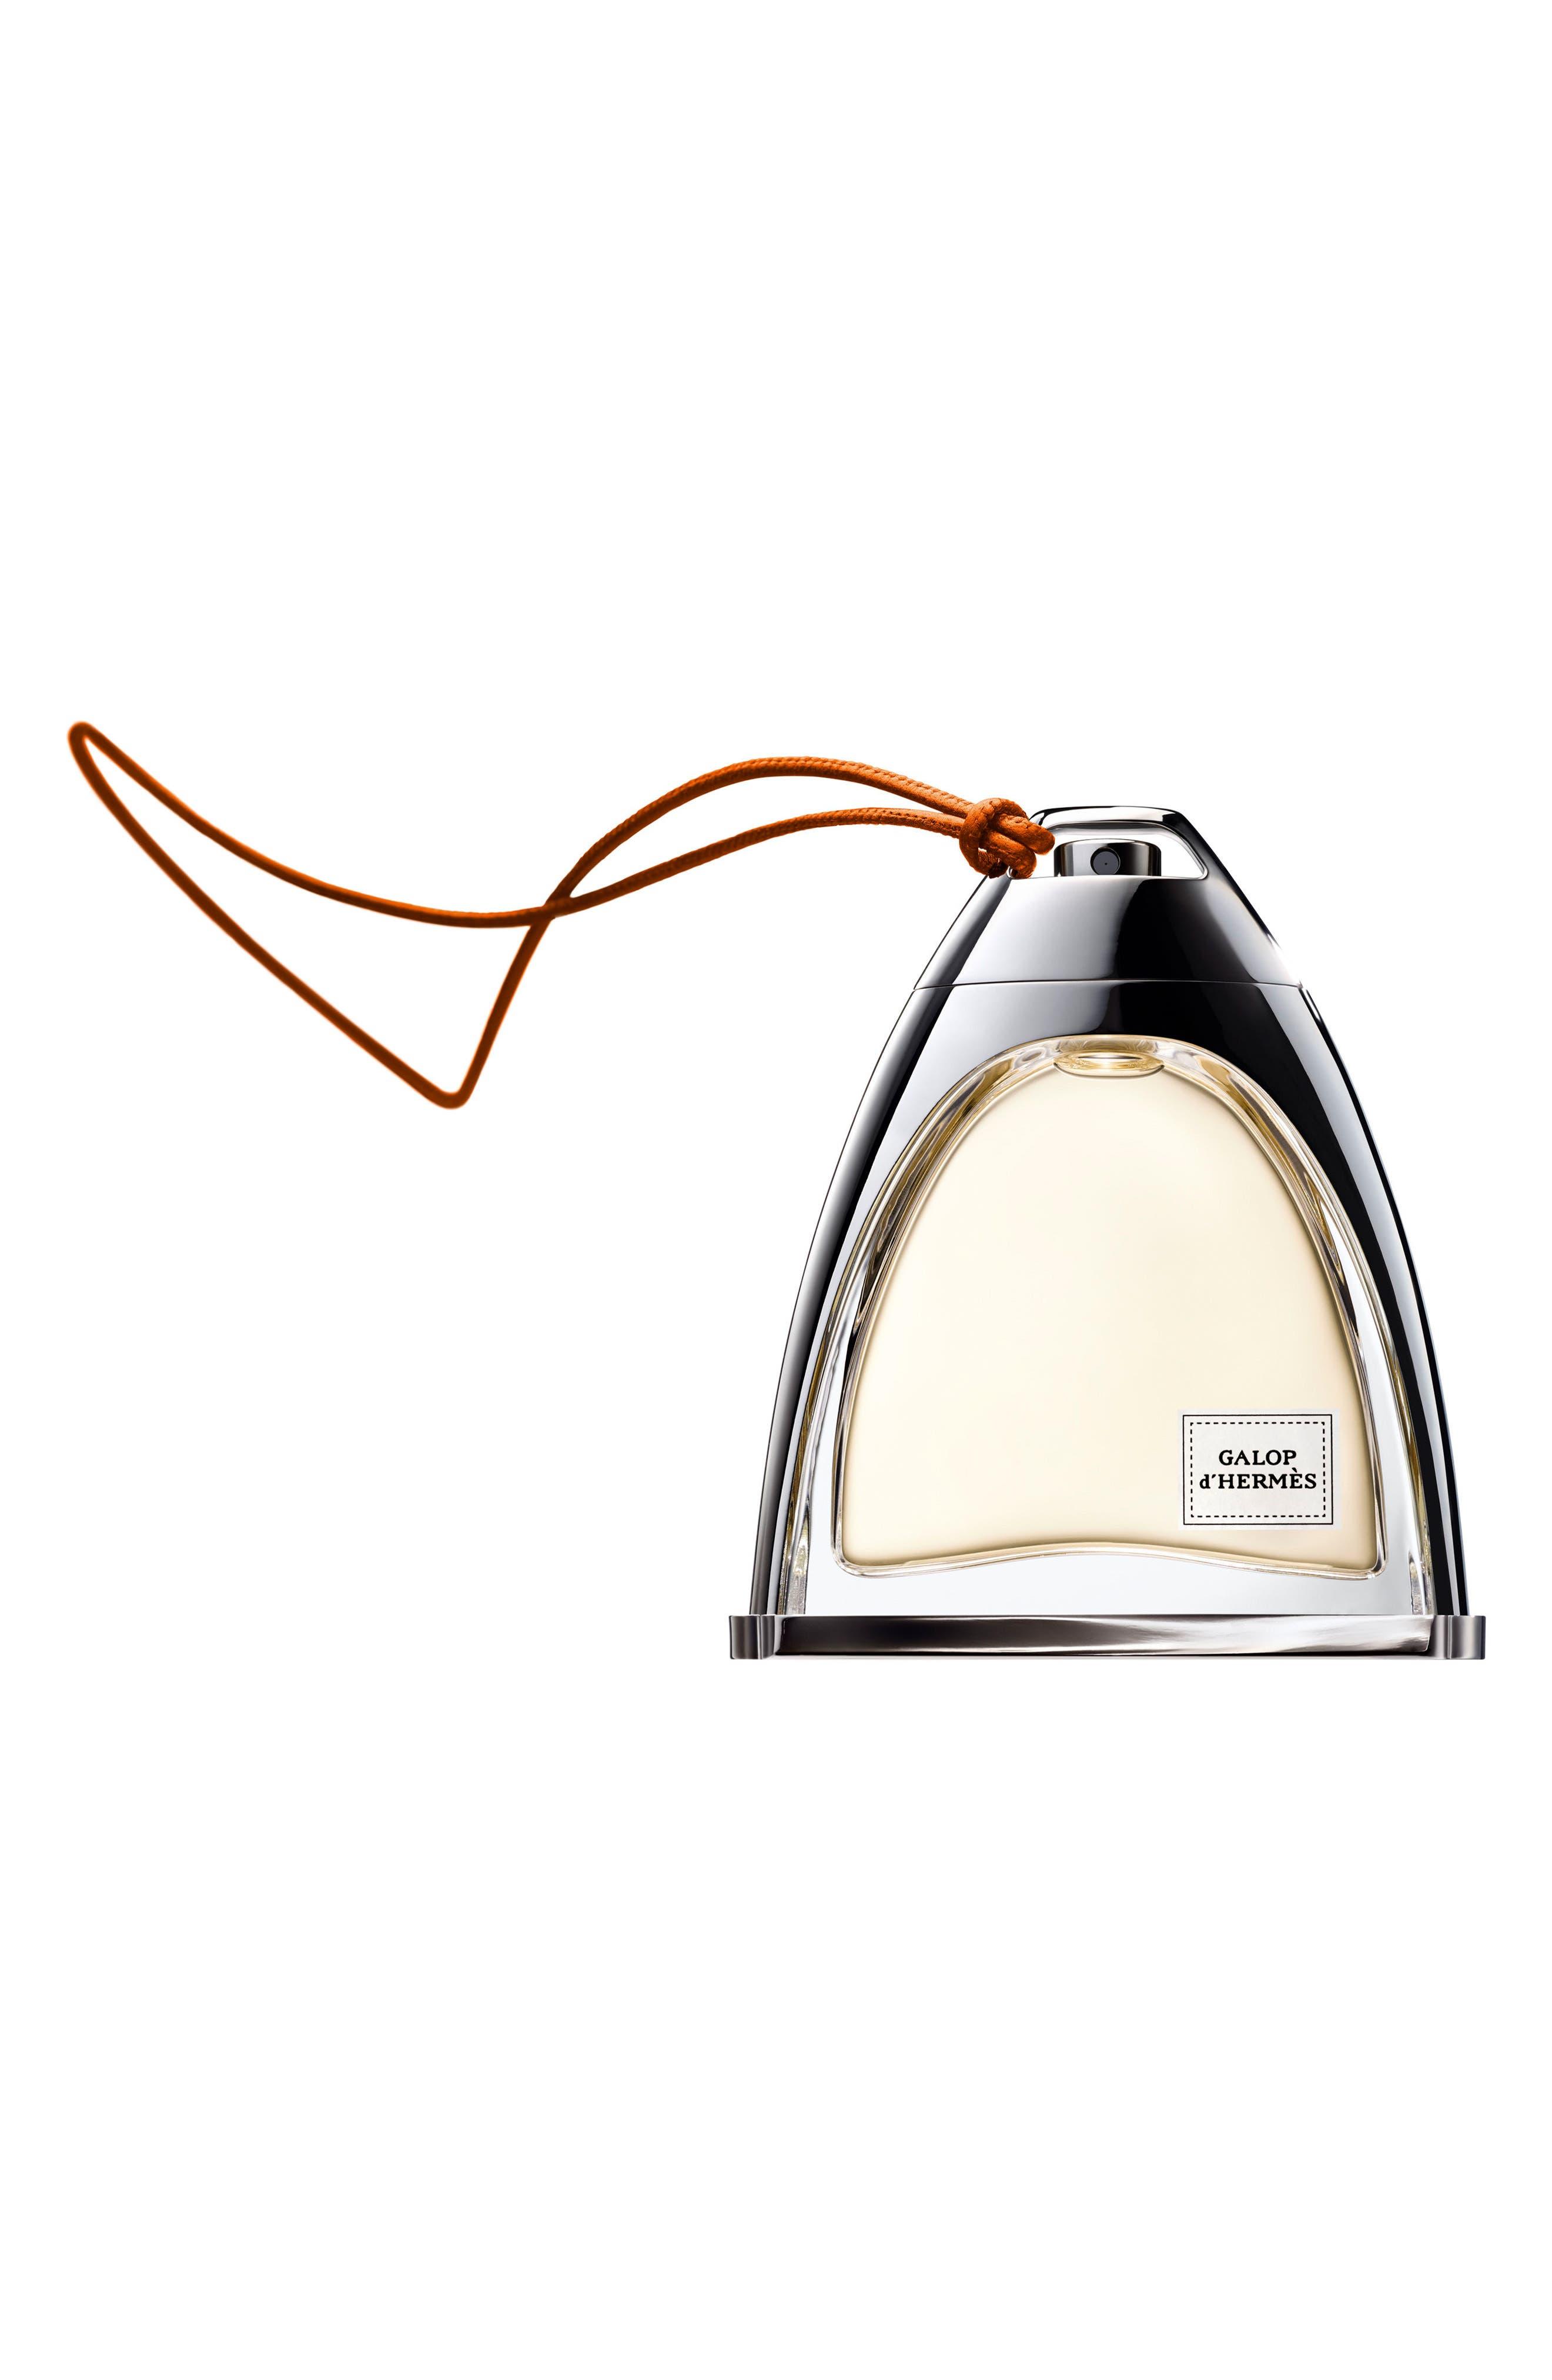 Galop d'Hermès - Parfum Refill,                         Main,                         color, NO COLOR